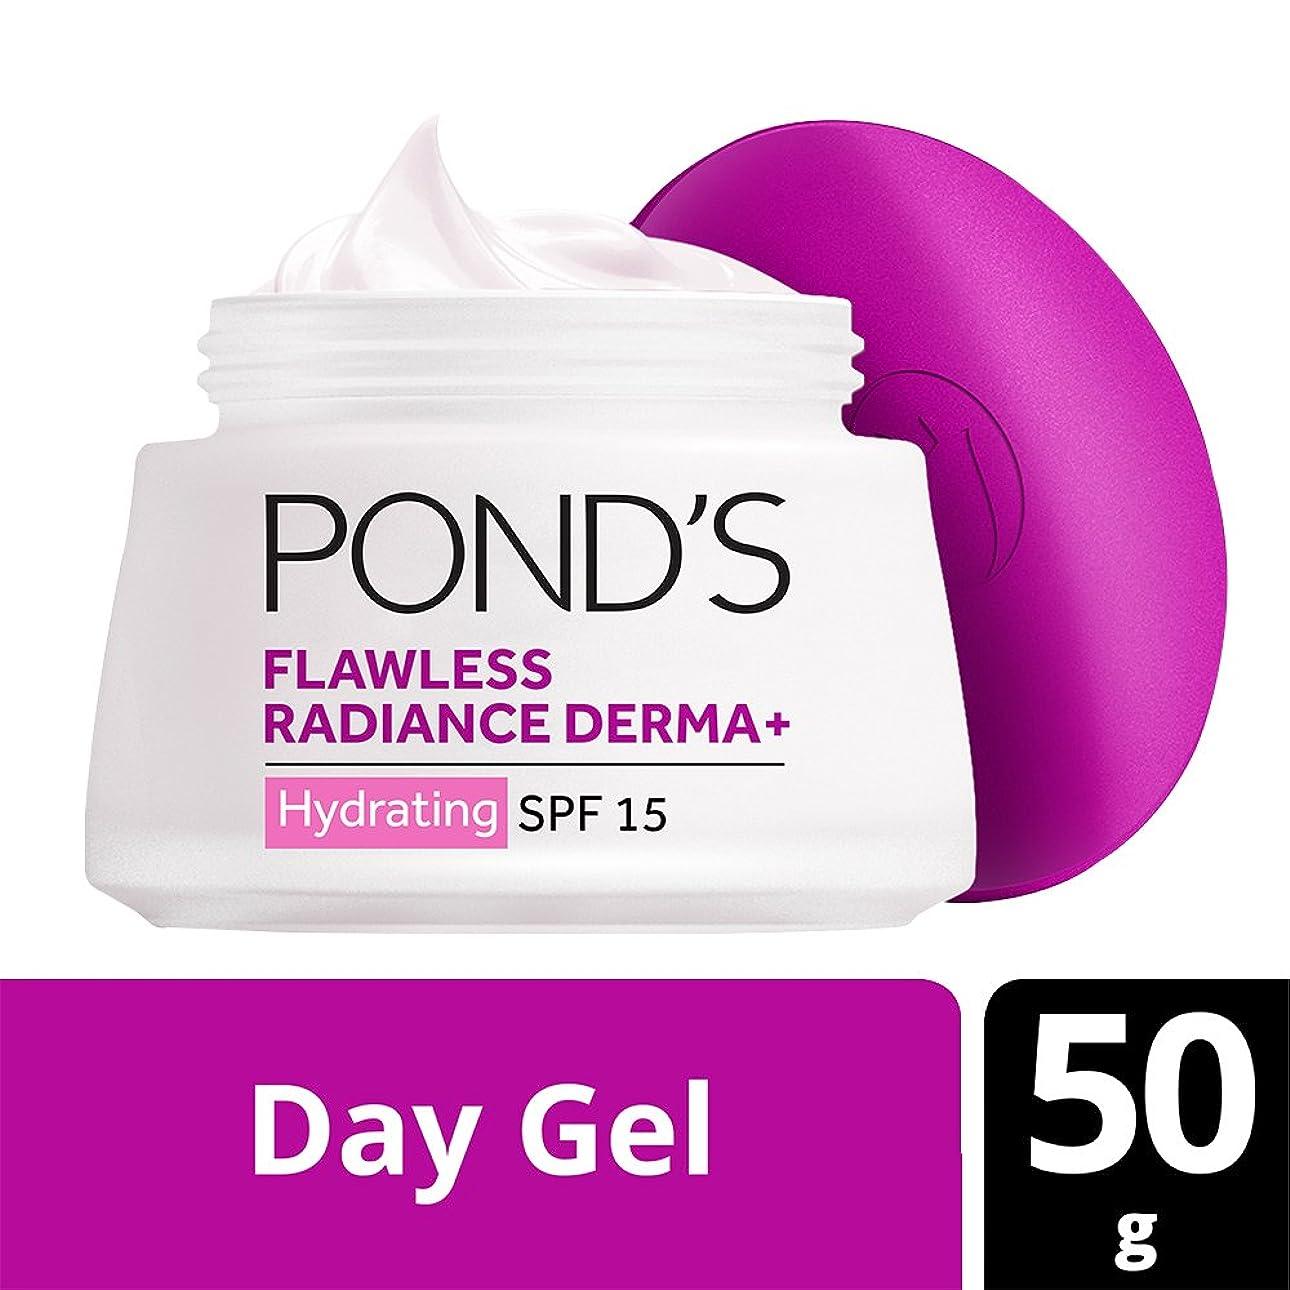 愛撫代わりに保存Pond's SPF15 PA++ Flawless Radiance Derma+ Hydrating Day Gel, 50g (Parellel Import)